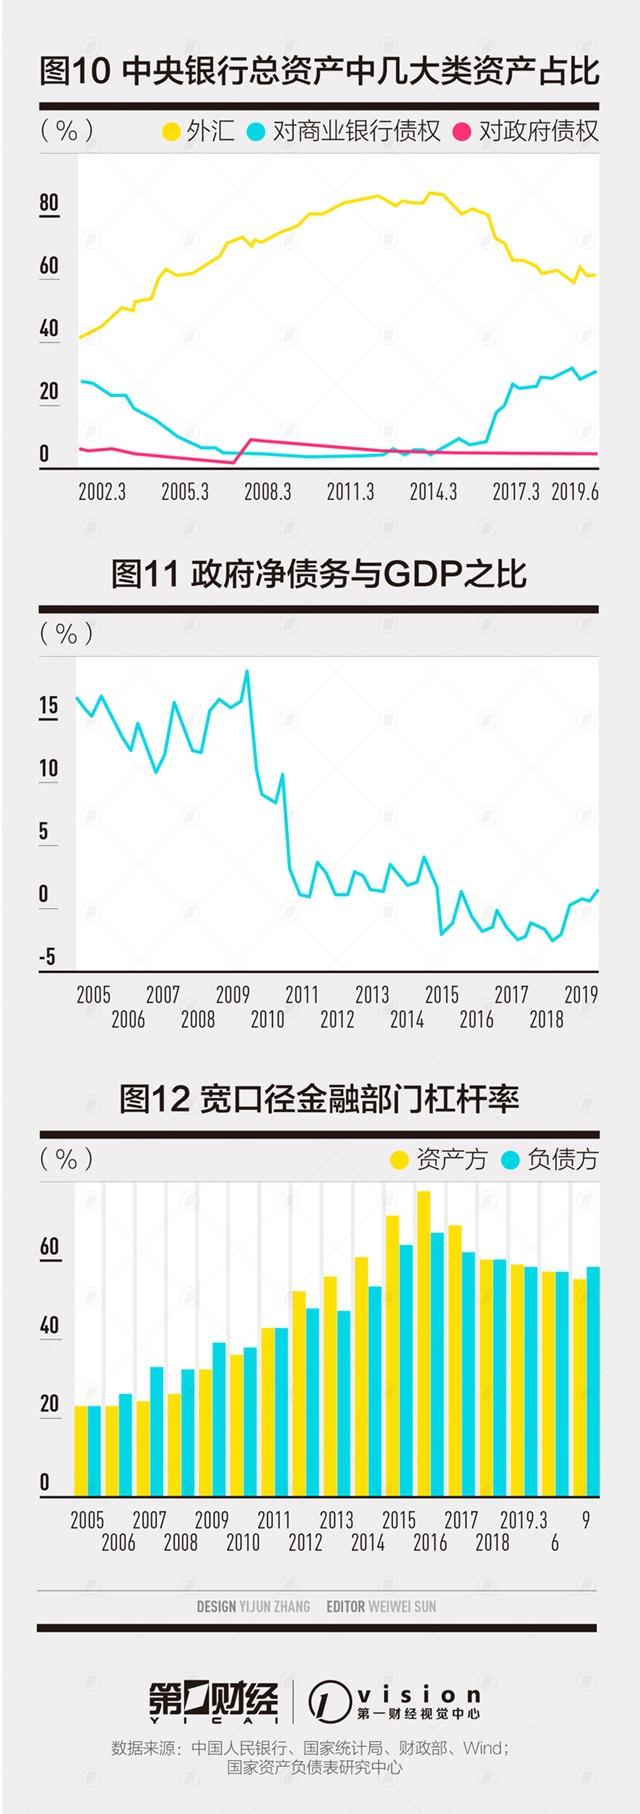 ysb88易胜博-百度_个人信息保护立法 要靠司法诉讼案例